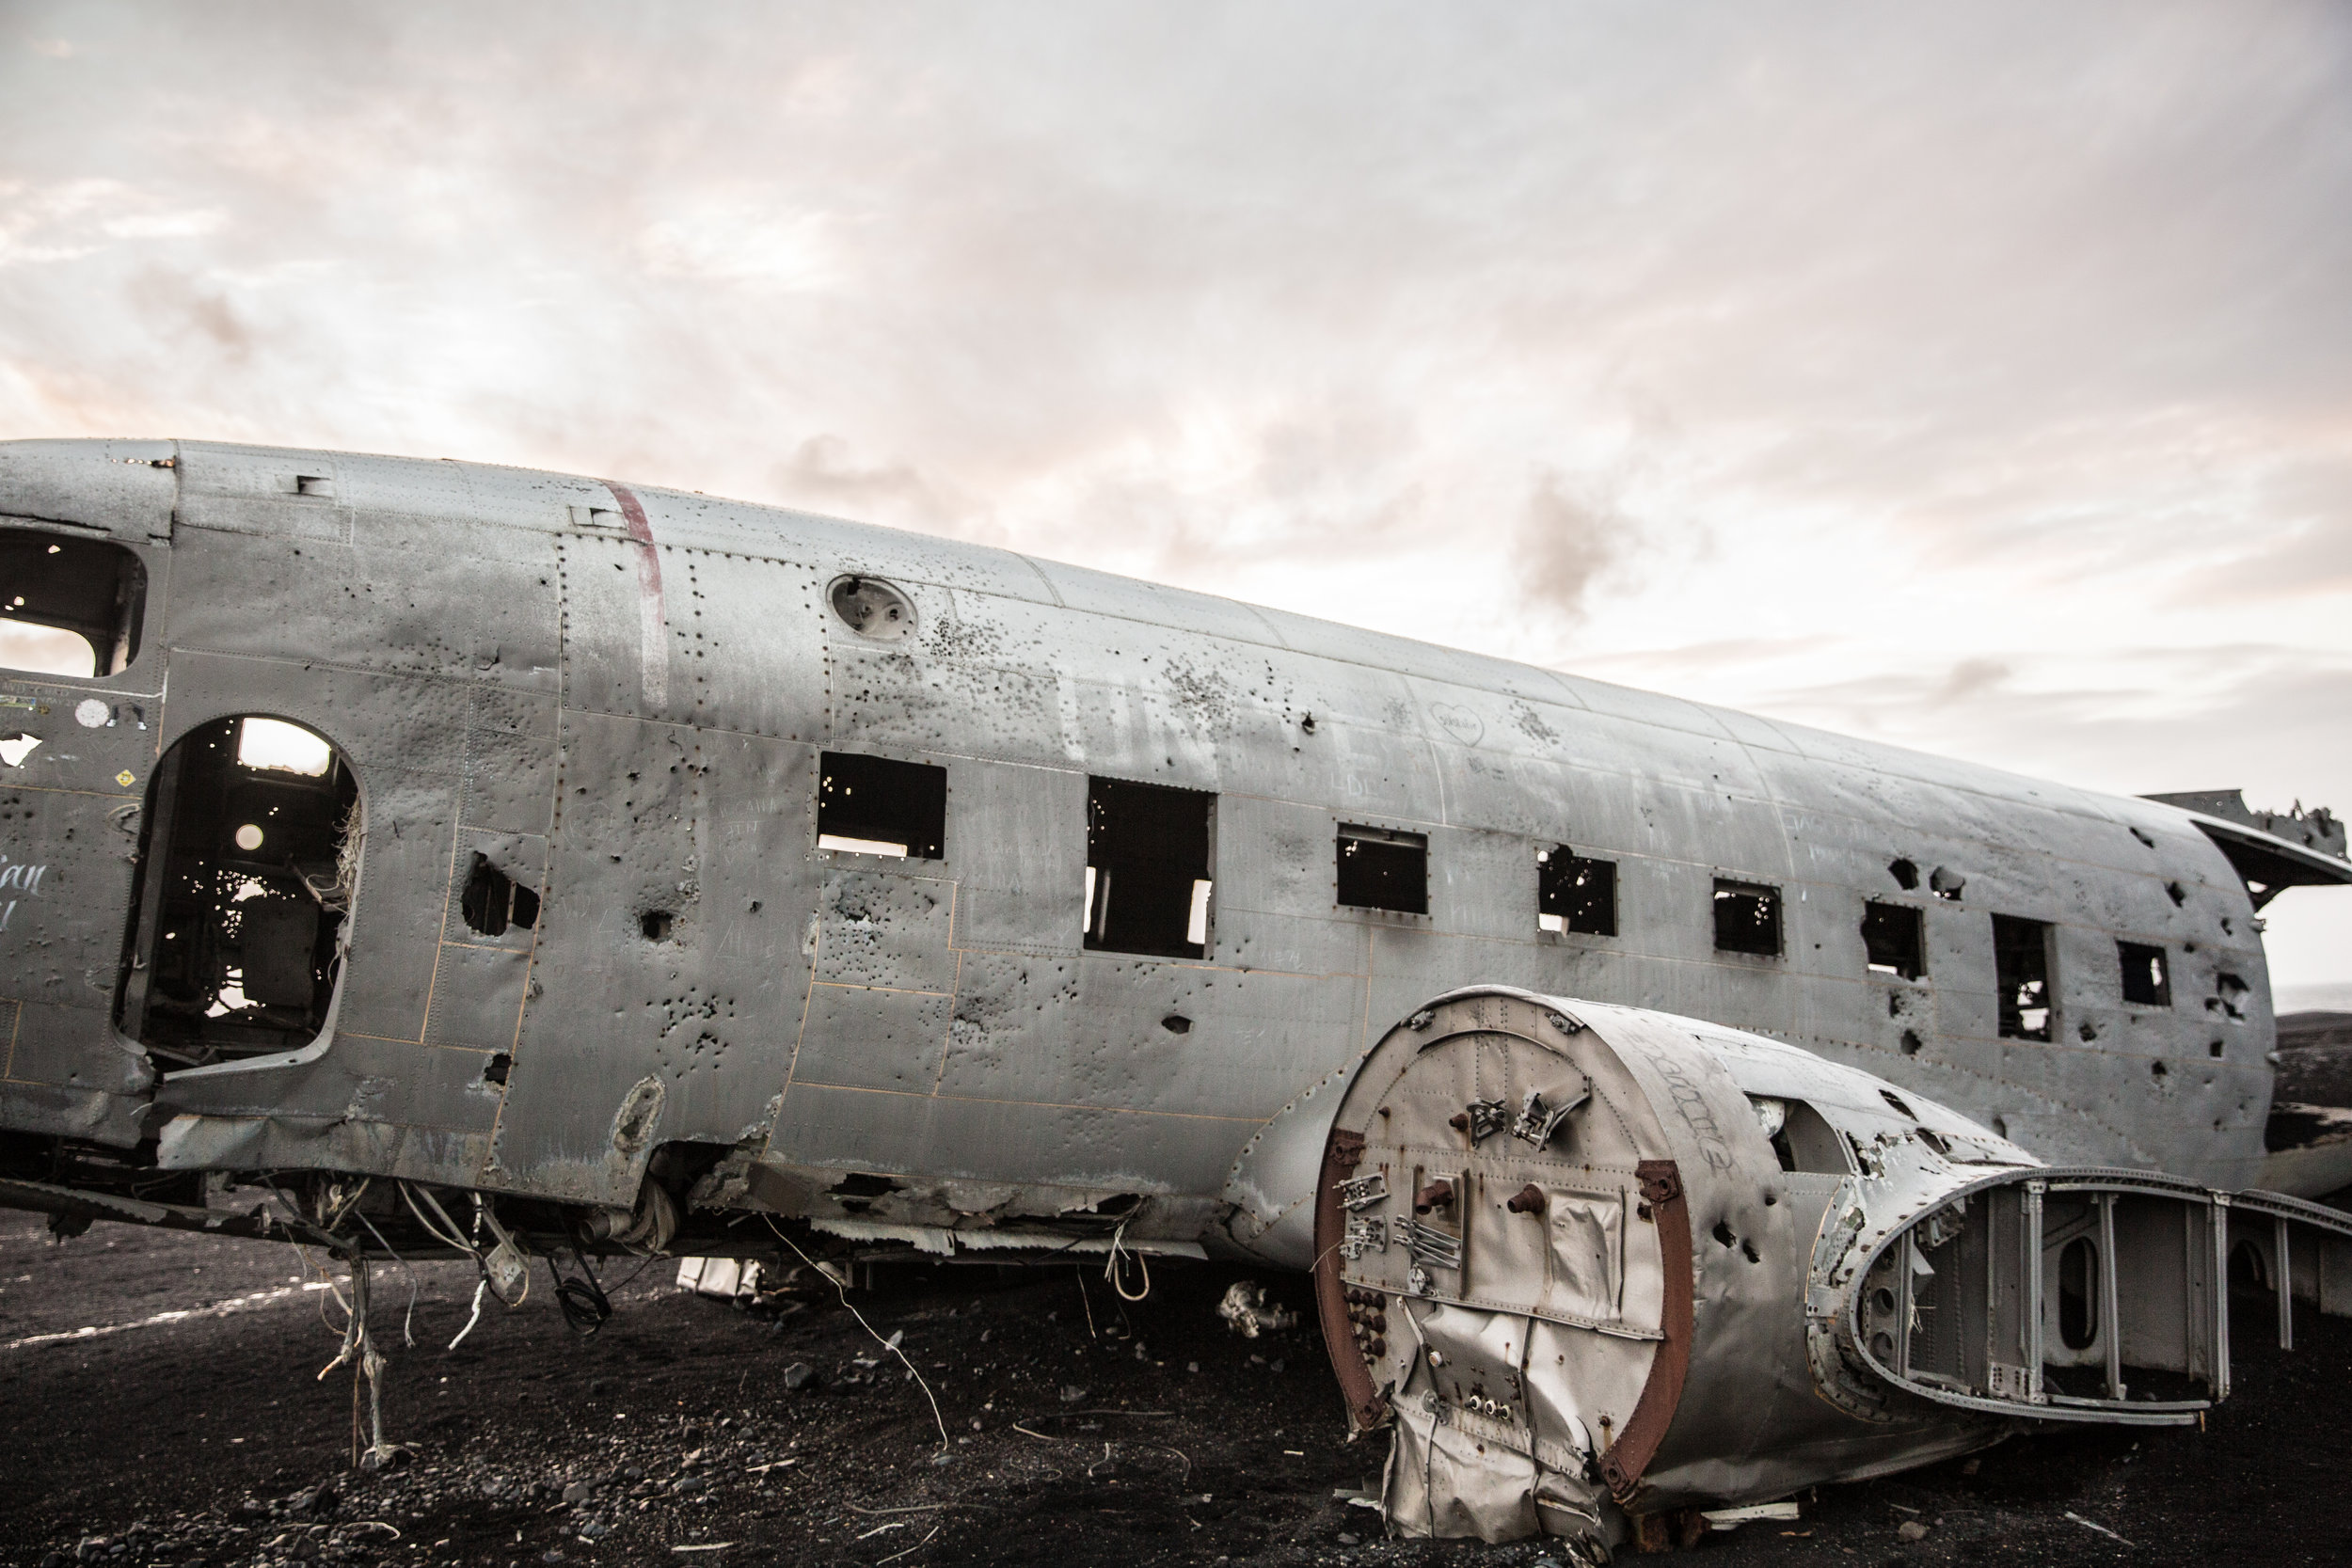 DC-3 Plane Wreckage - Sólheimasandur, Iceland